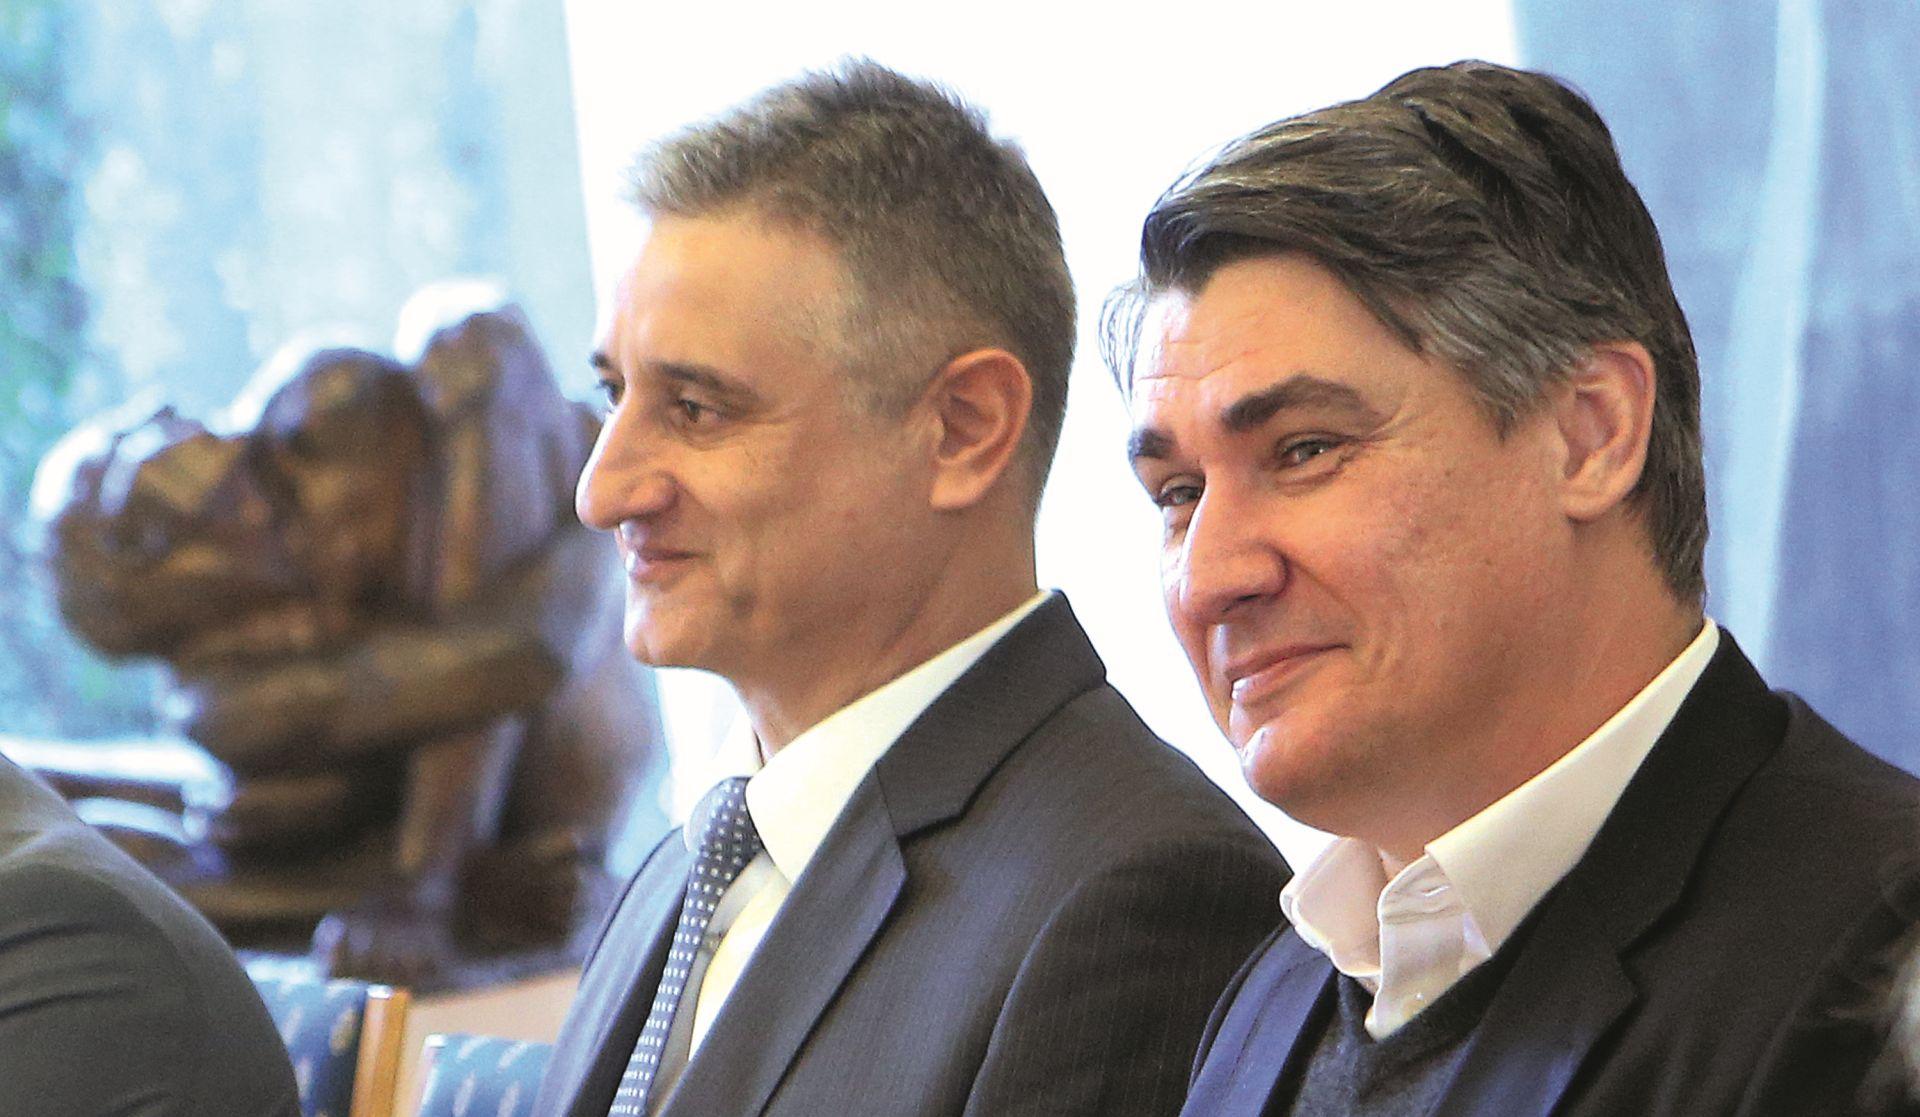 Na Pantovčaku se još nadaju koaliciji HDZ-SDP